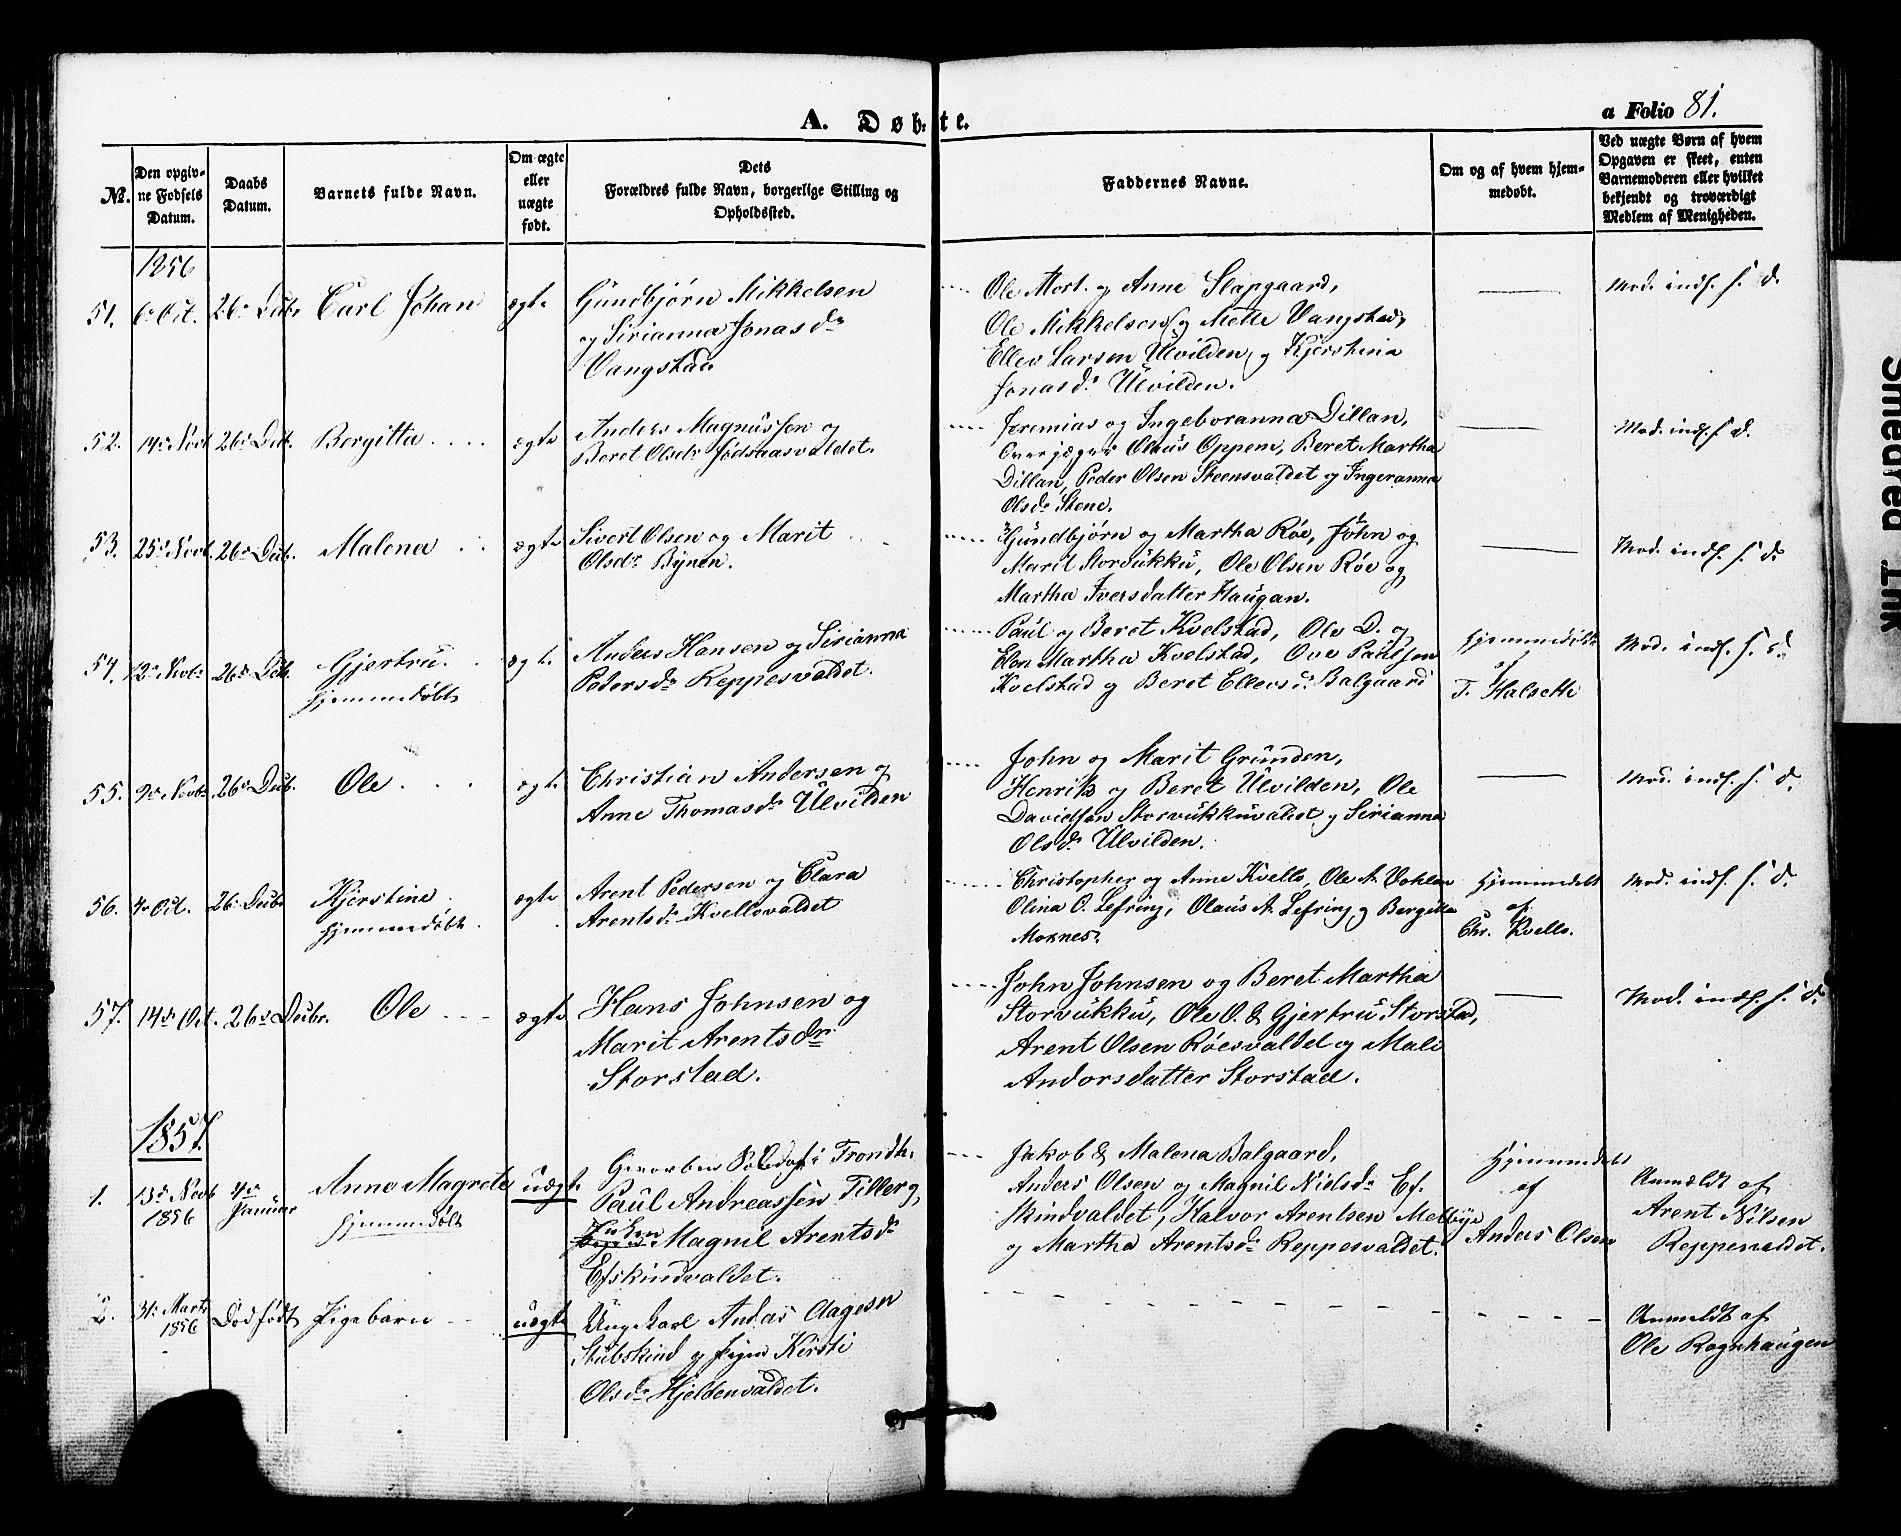 SAT, Ministerialprotokoller, klokkerbøker og fødselsregistre - Nord-Trøndelag, 724/L0268: Klokkerbok nr. 724C04, 1846-1878, s. 81